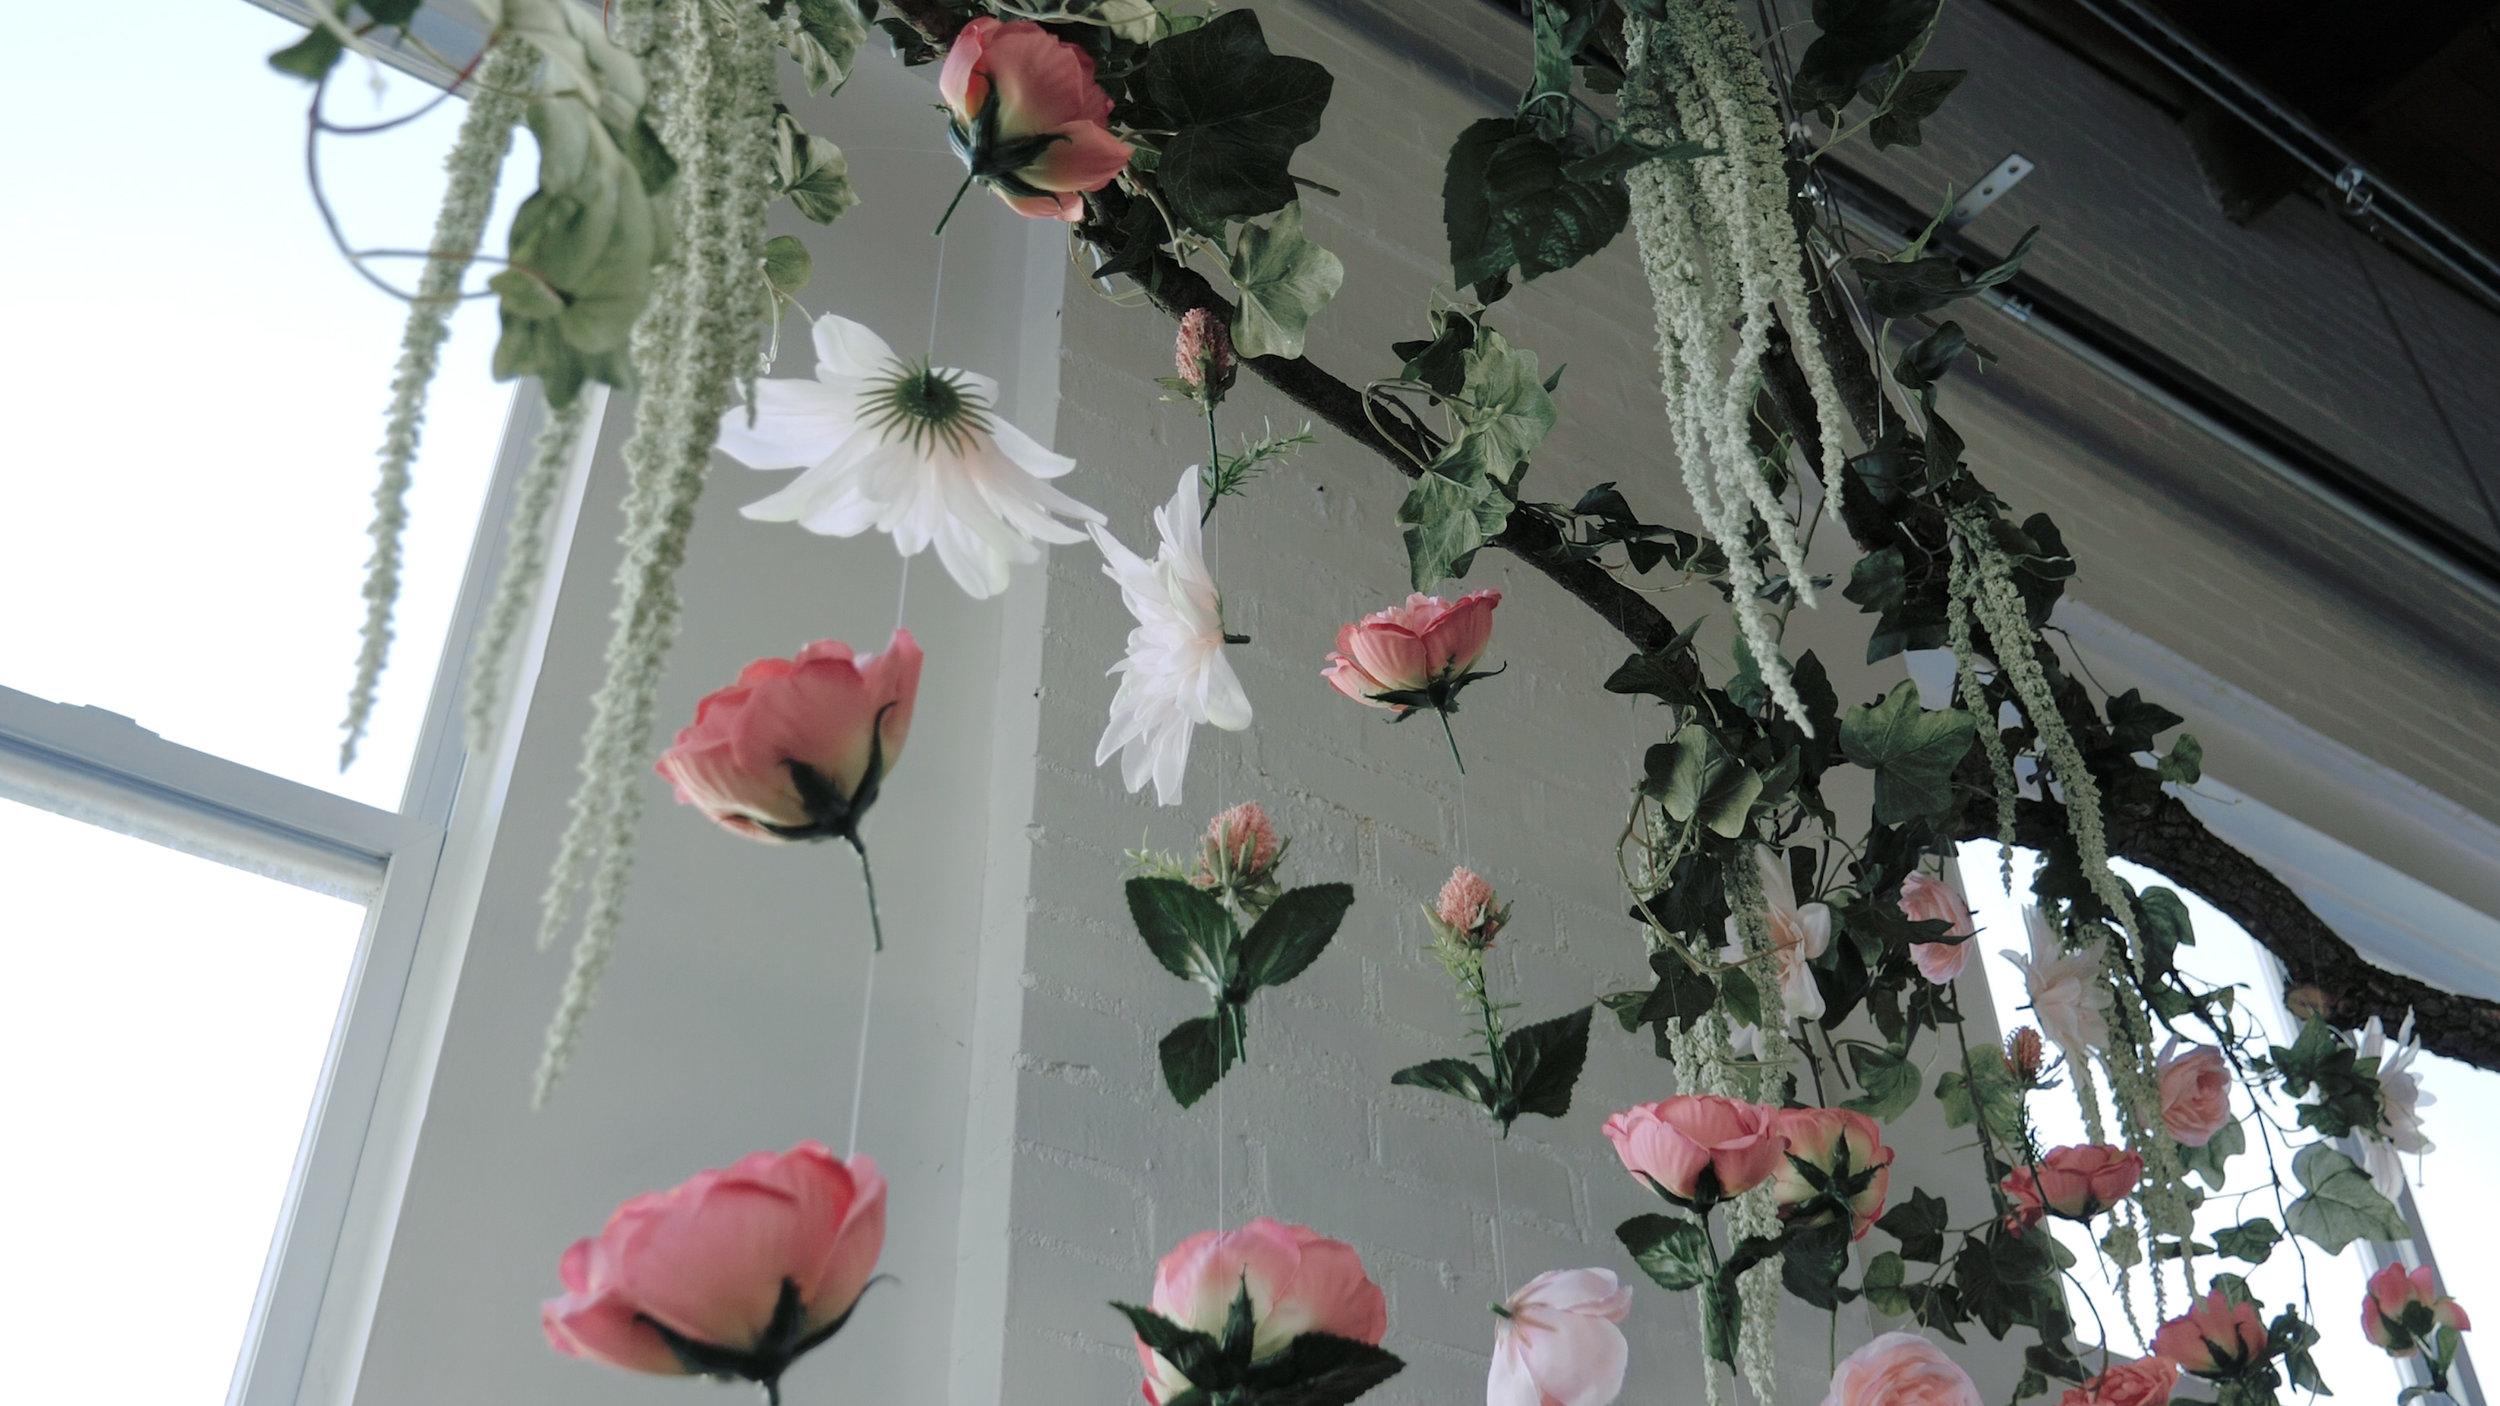 Flowers hanging.jpg